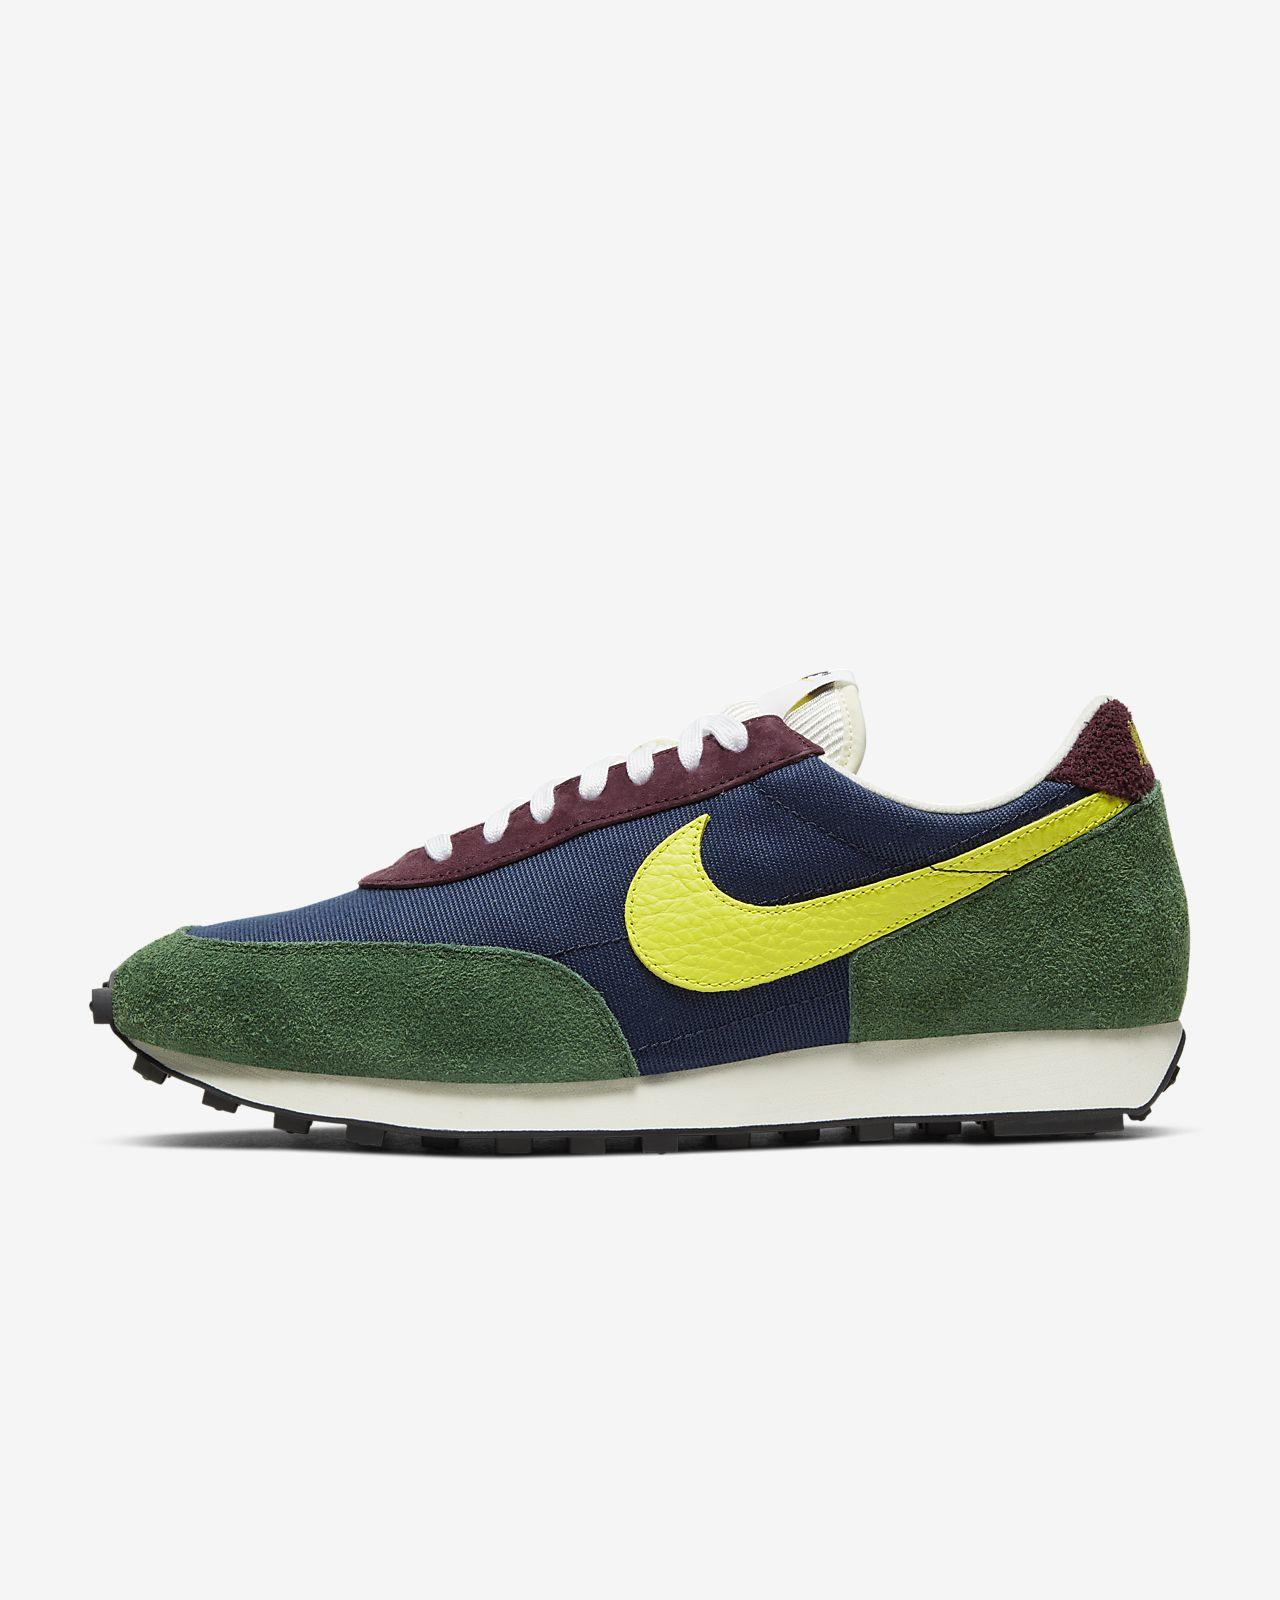 Sko Nike Daybreak för män